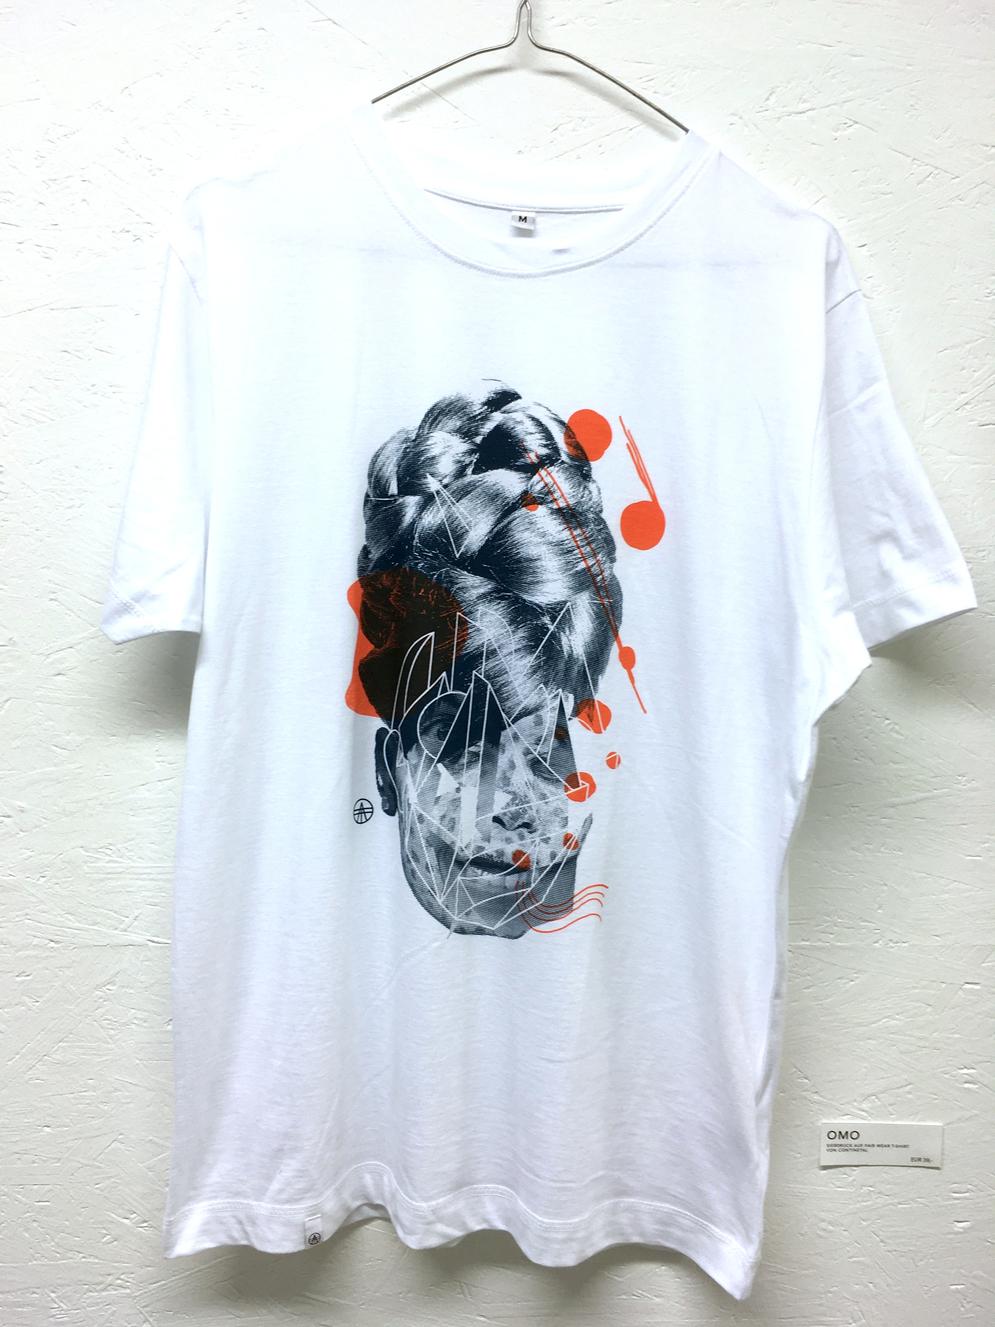 Bild Omo T-Shirt